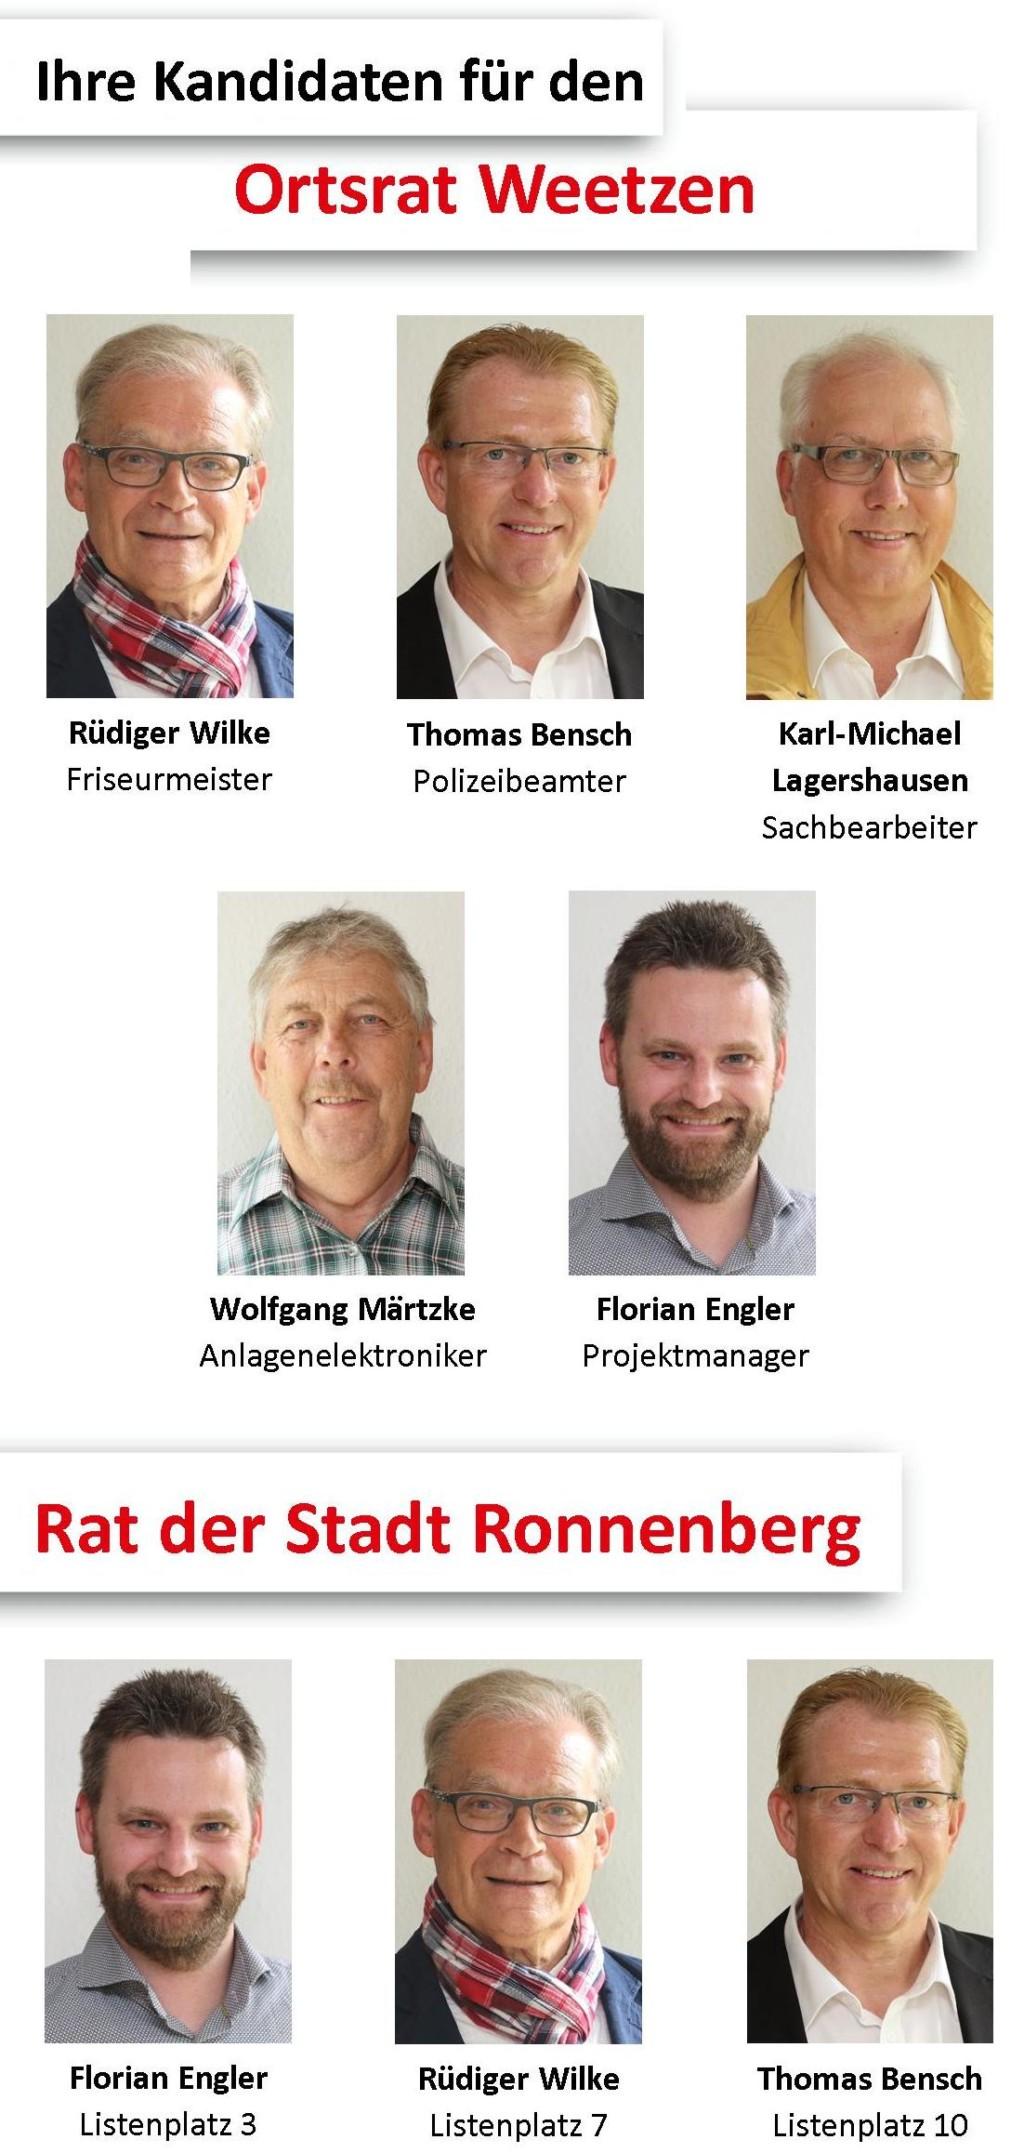 2016 07 05 Spd We Broschüre Kandidaten